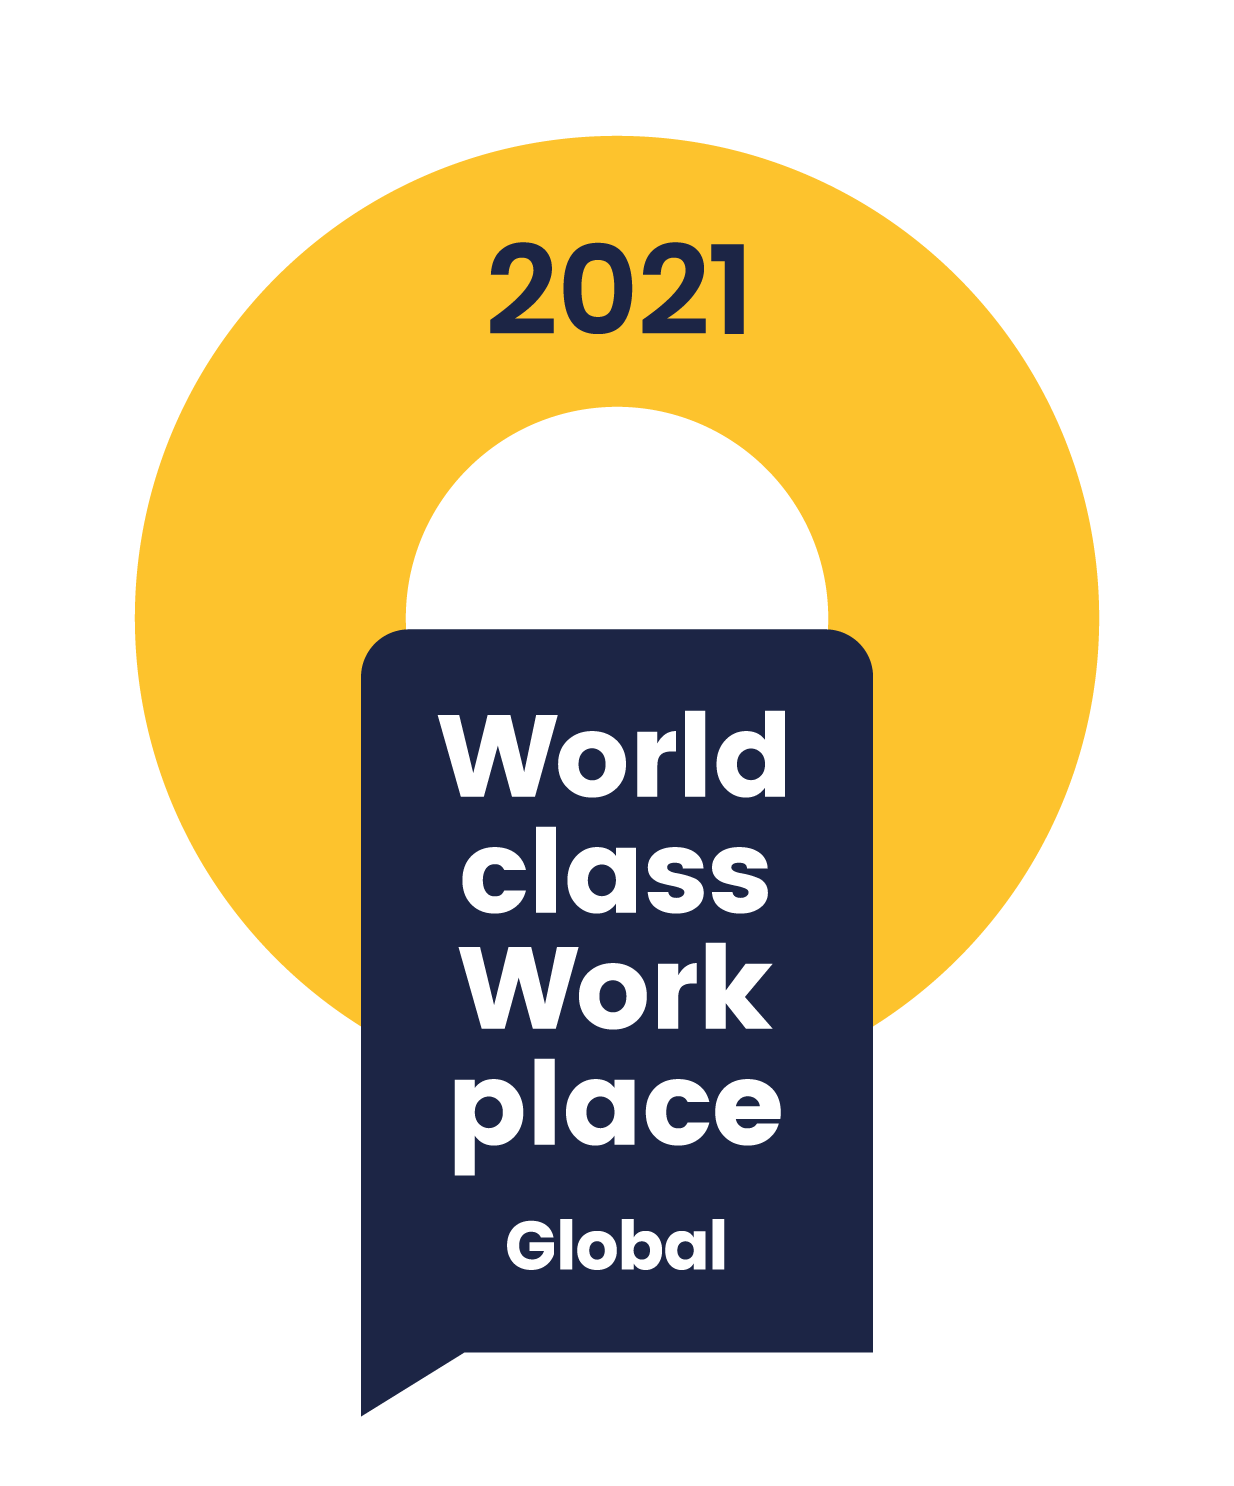 wcwp-2021-gl